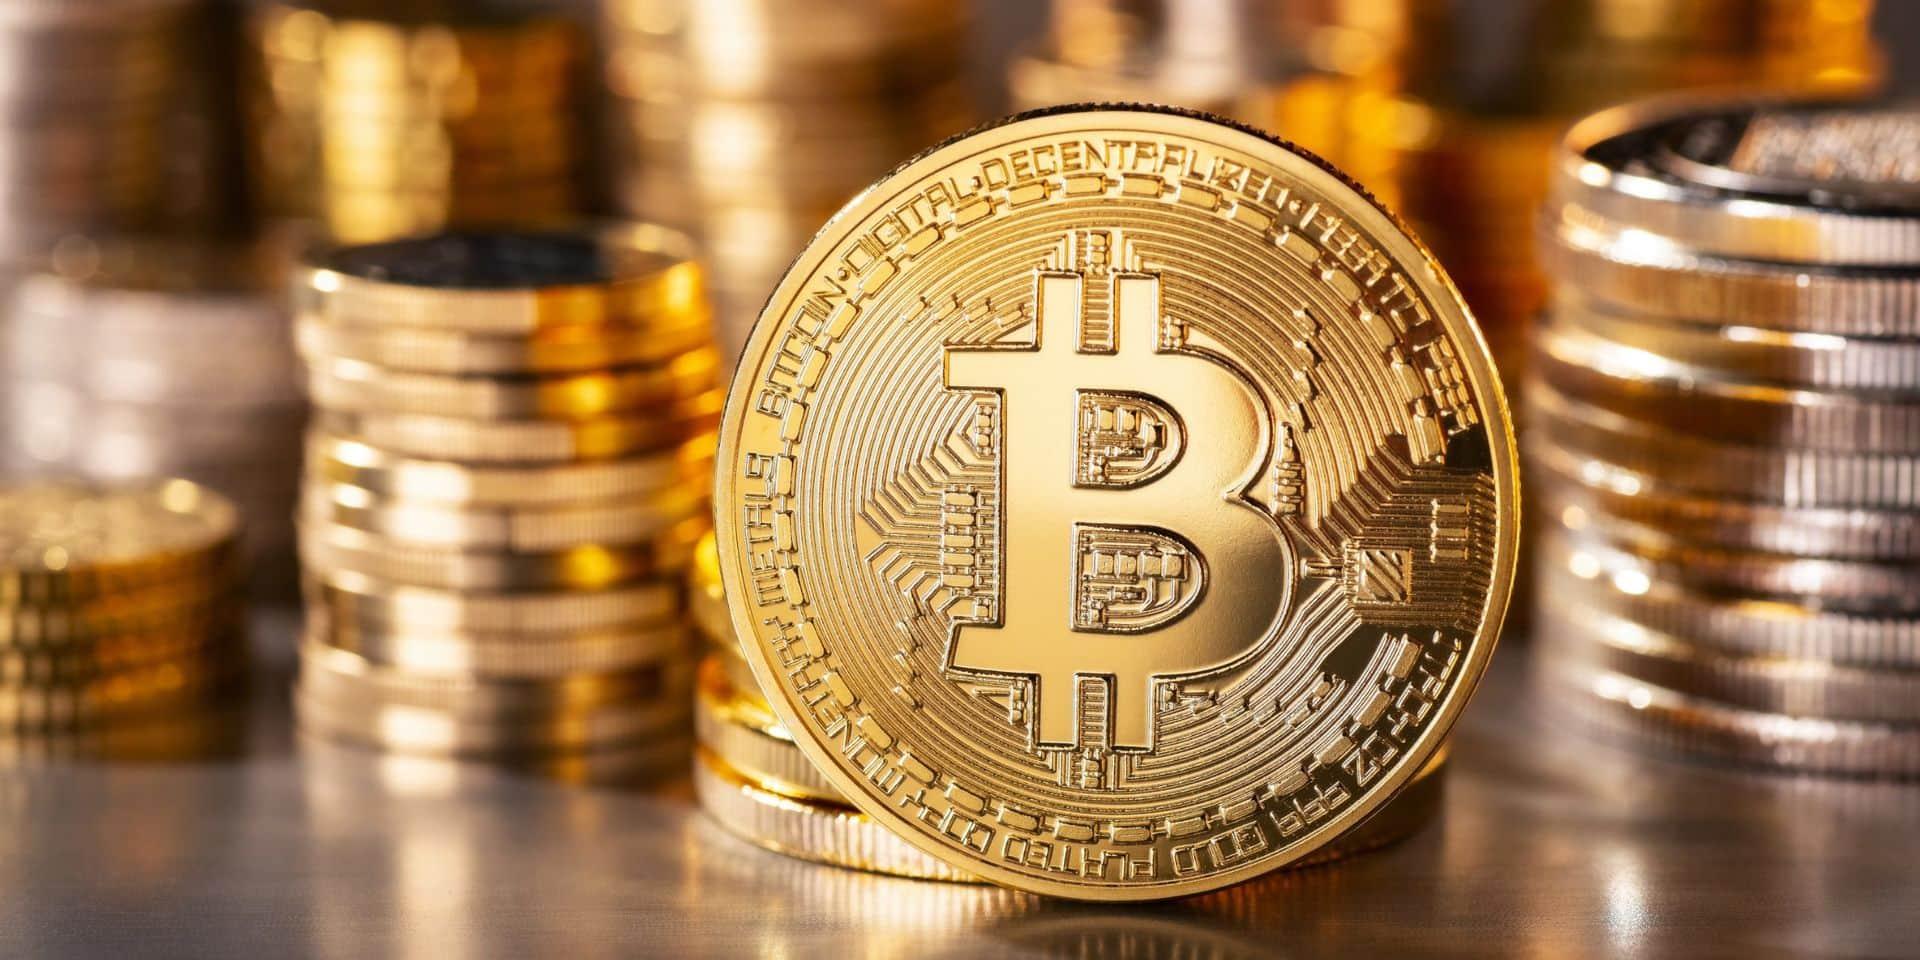 Paiements en bitcoin: la startup française Acinq lève 7 millions d'euros